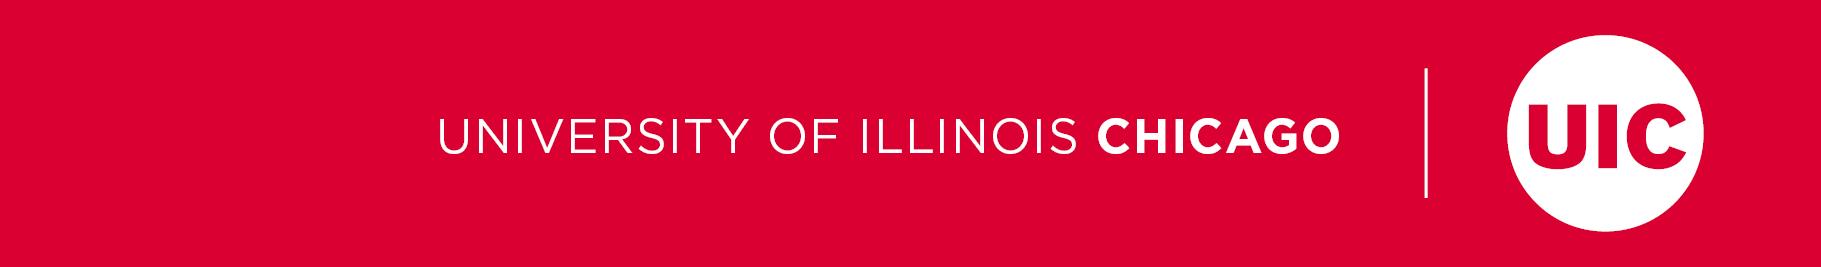 University of Illinois Chicago and UIC circle logo